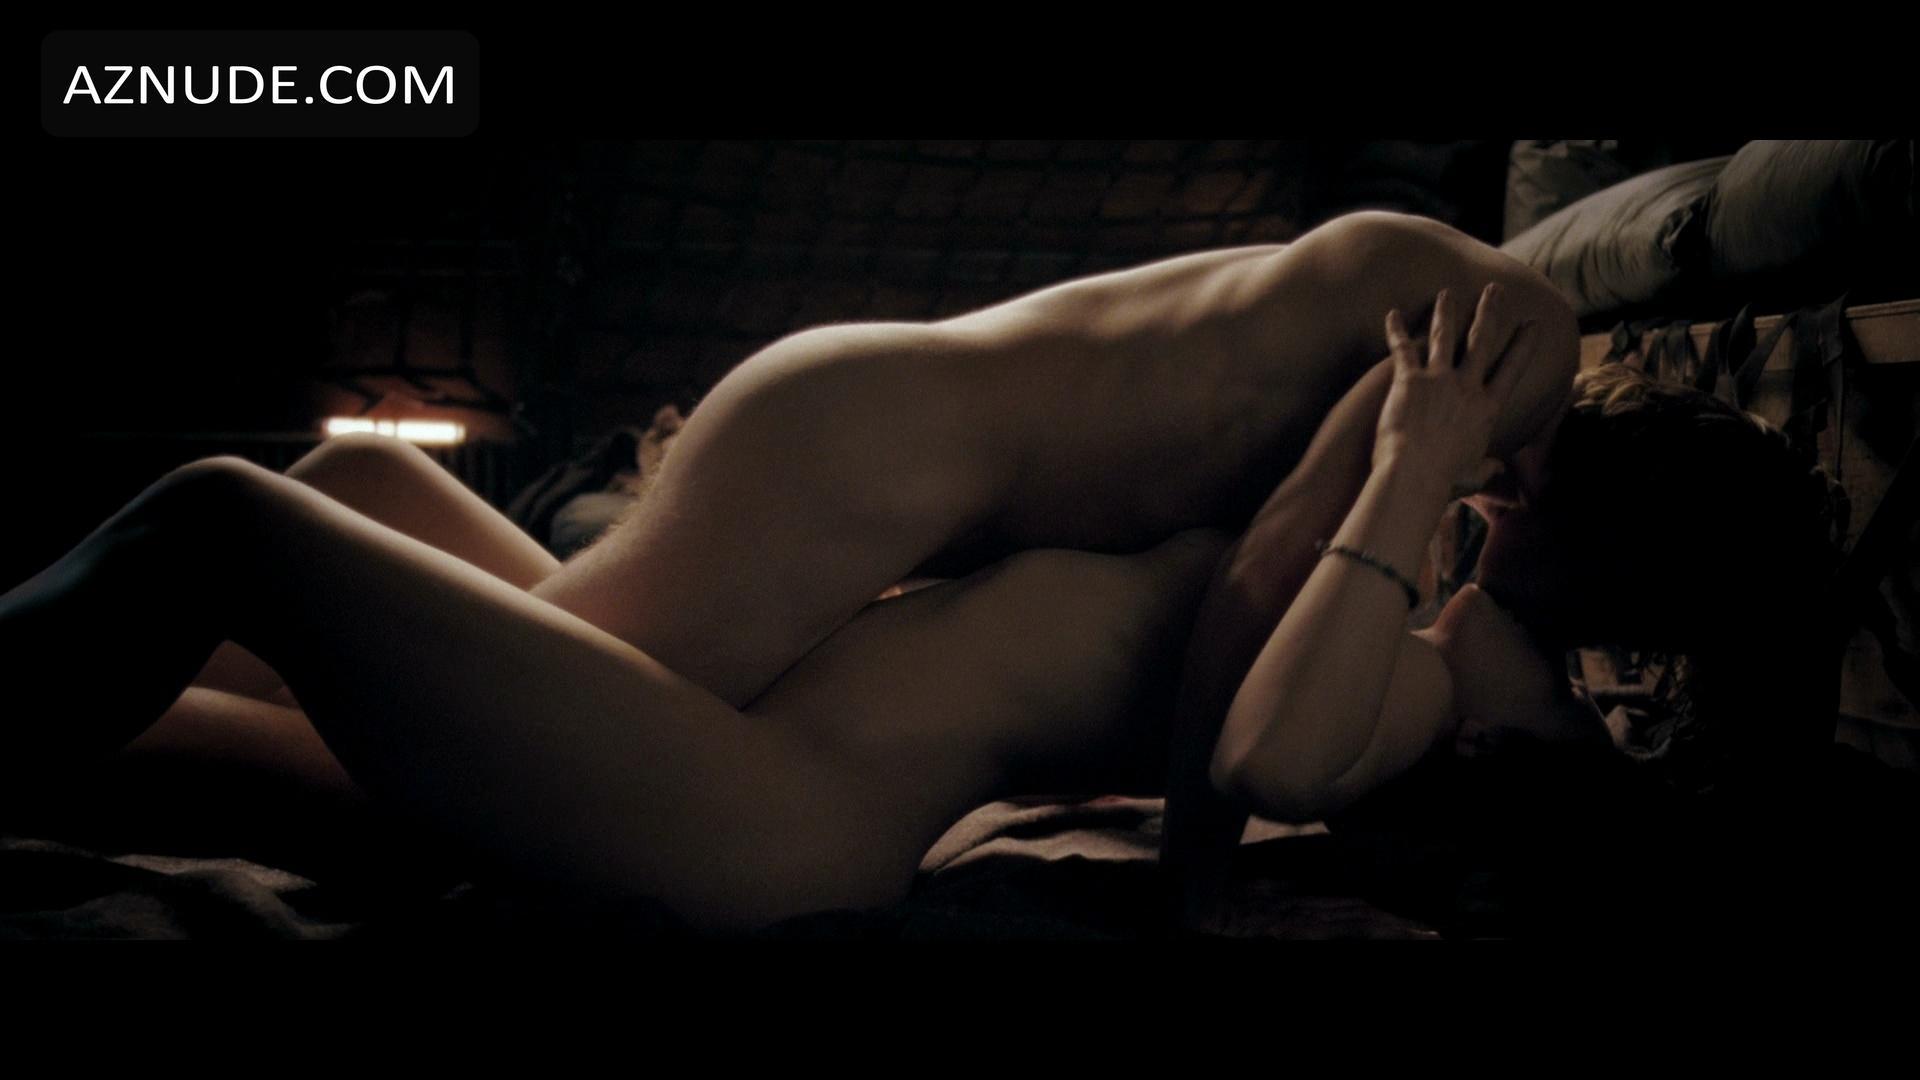 erotichniy-nezhniy-seks